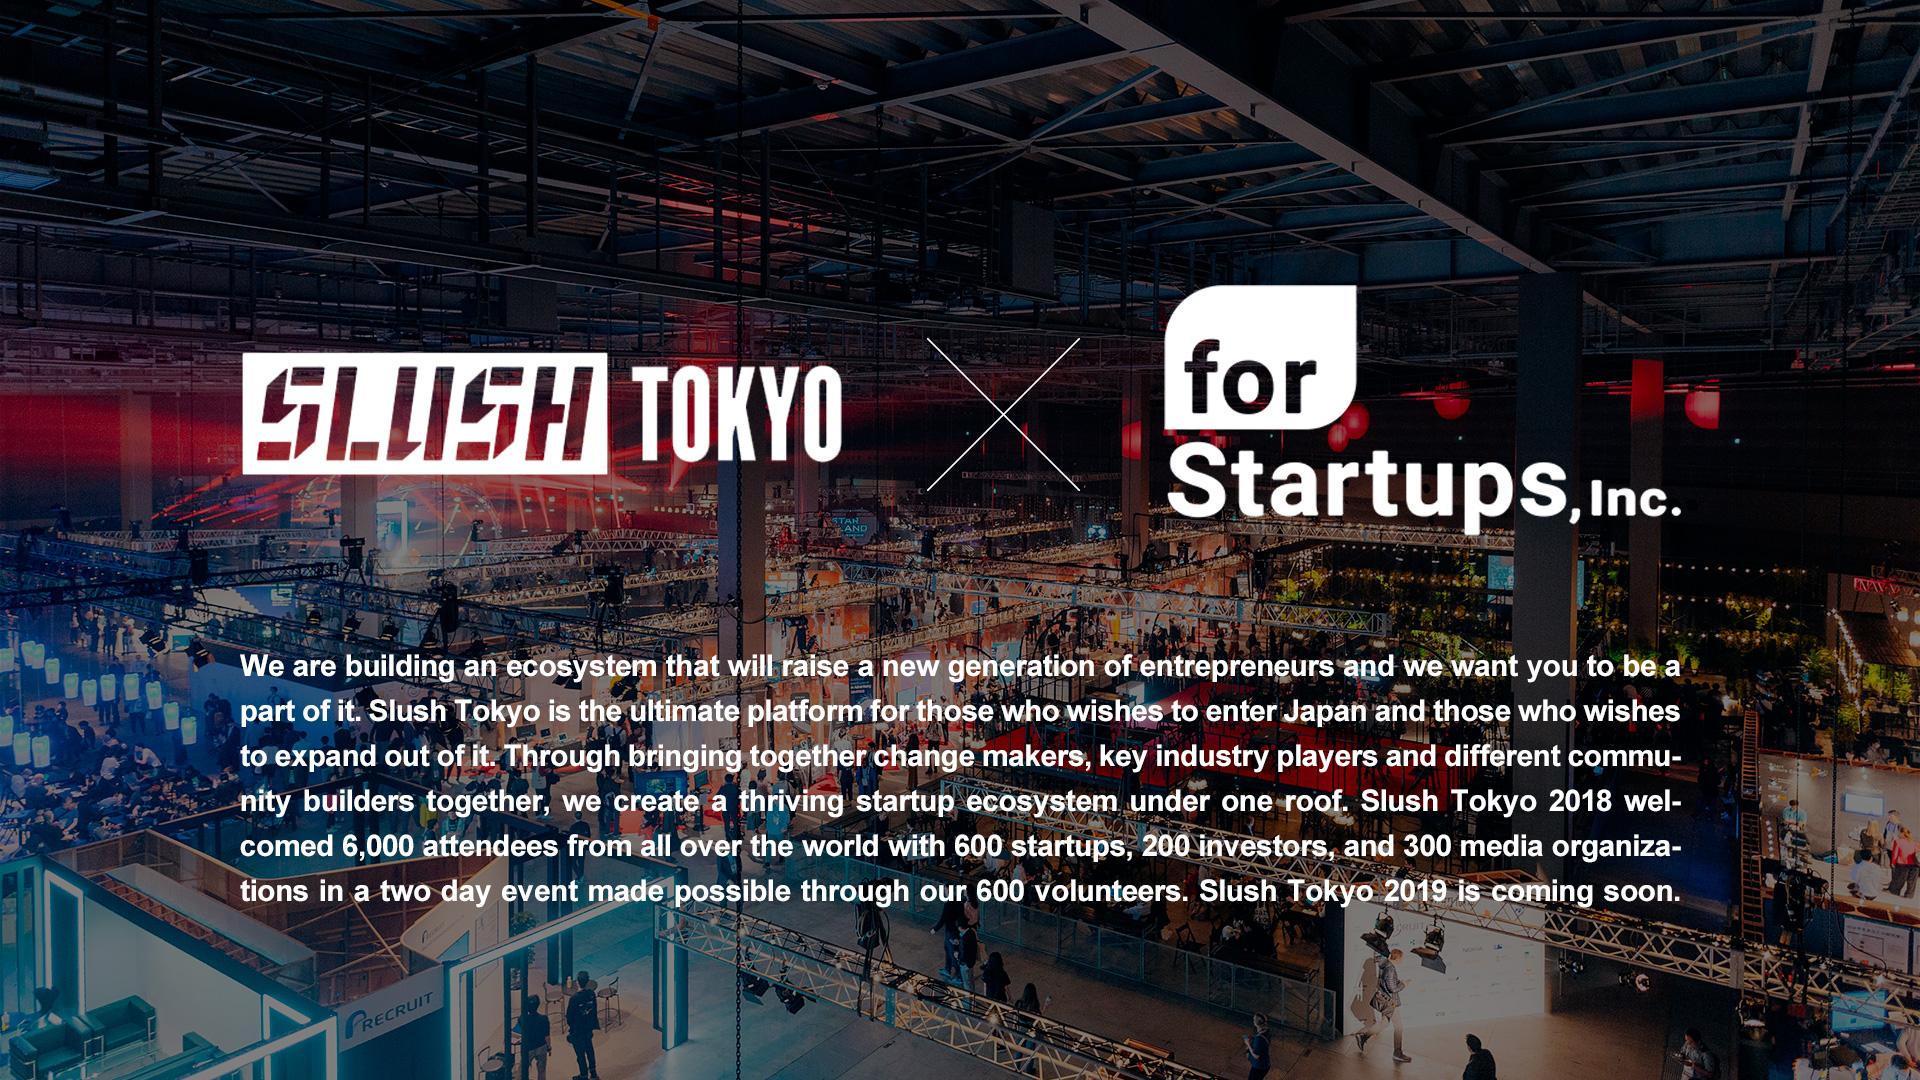 フォースタートアップスとSLUSH TOKYOが協調して日本最大のスタートアップとテクノロジーの祭典「Slush Tokyo 2019」において世界規模のスタートアップエコシステムを推進